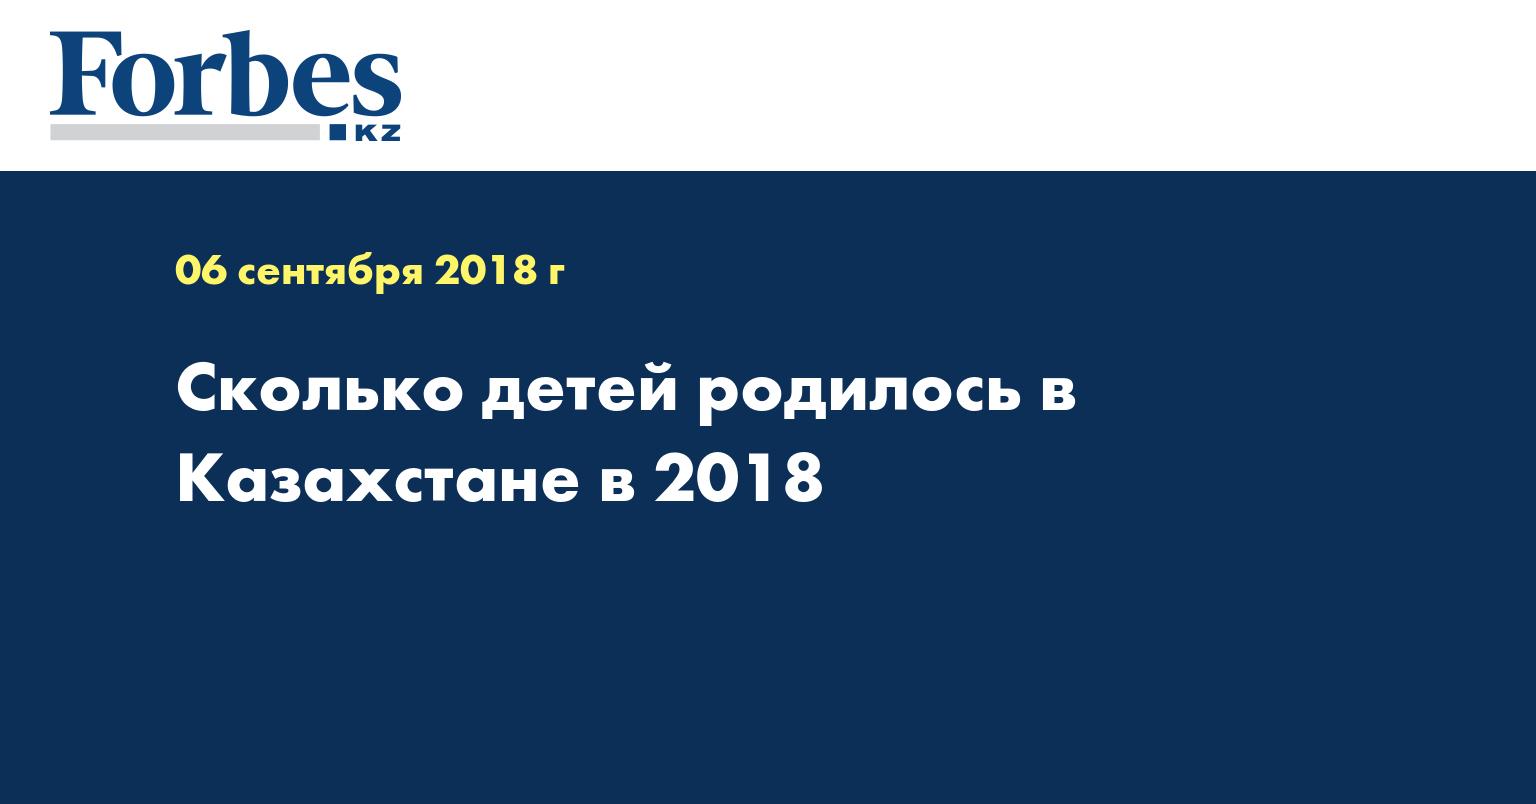 Сколько детей родилось в Казахстане в 2018